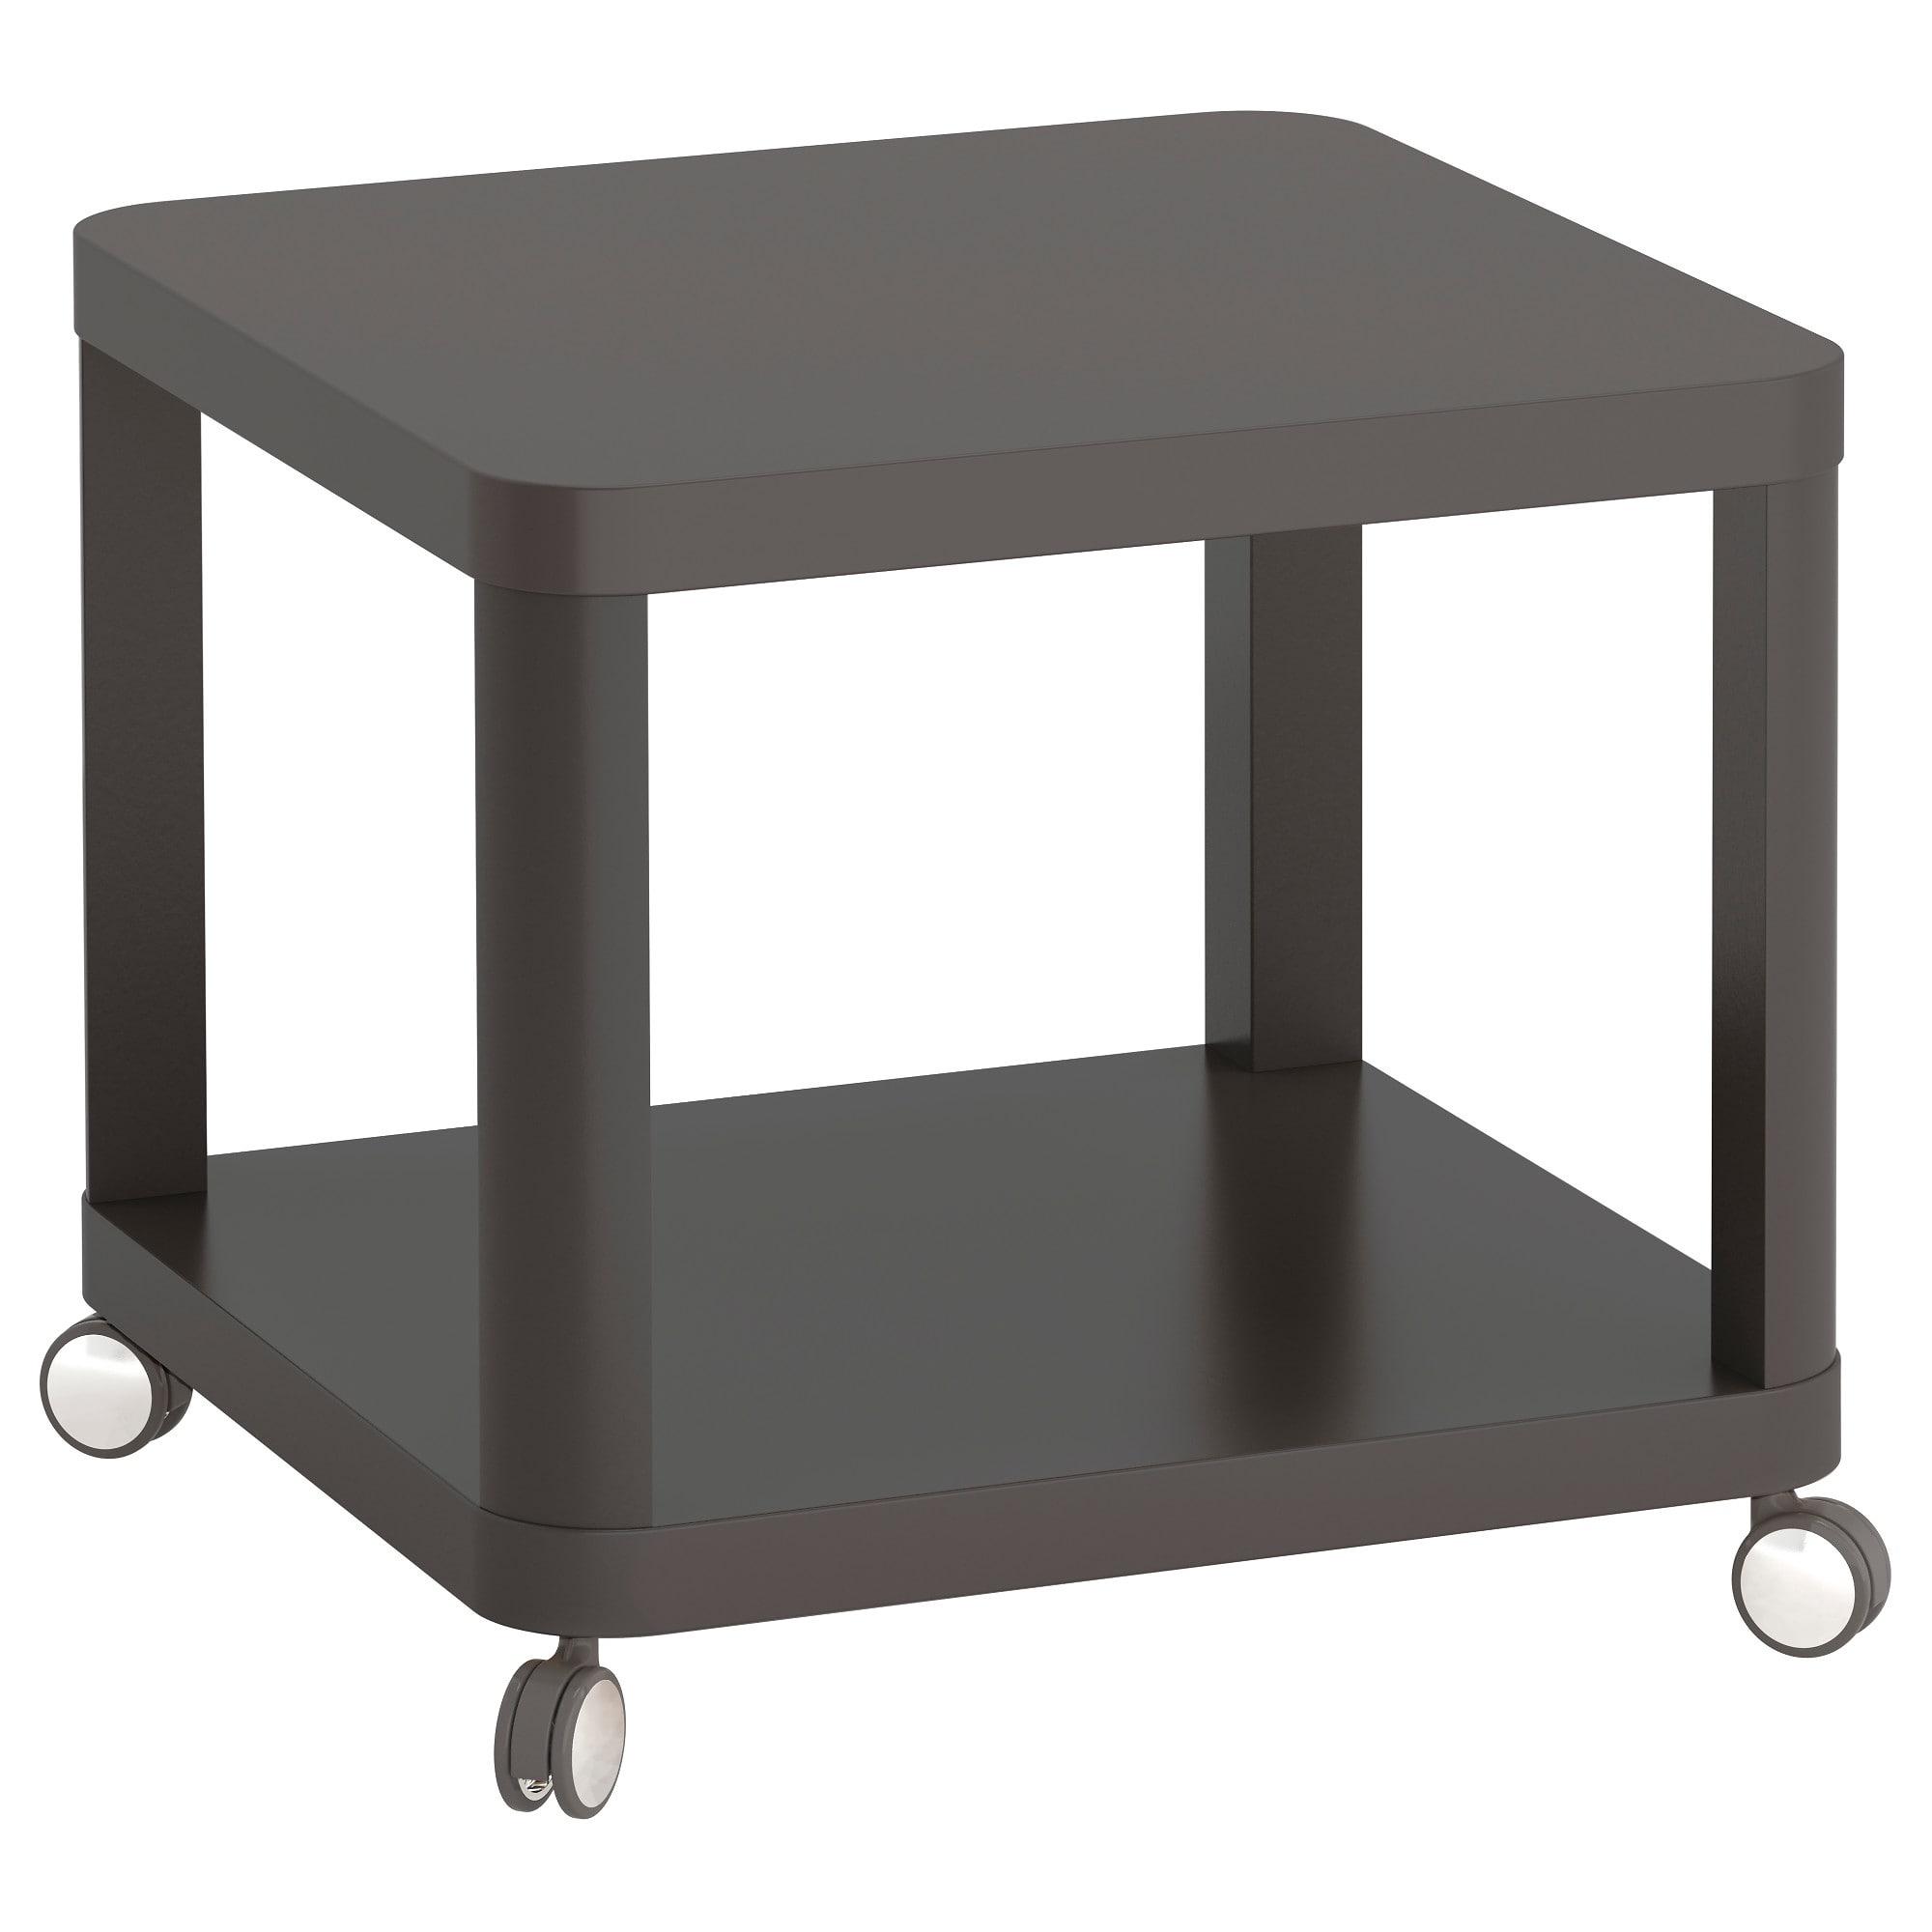 Mesa Auxiliar Con Ruedas Ipdd Tingby Mesa Auxiliar Con Ruedas Gris 50 X 50 Cm Ikea